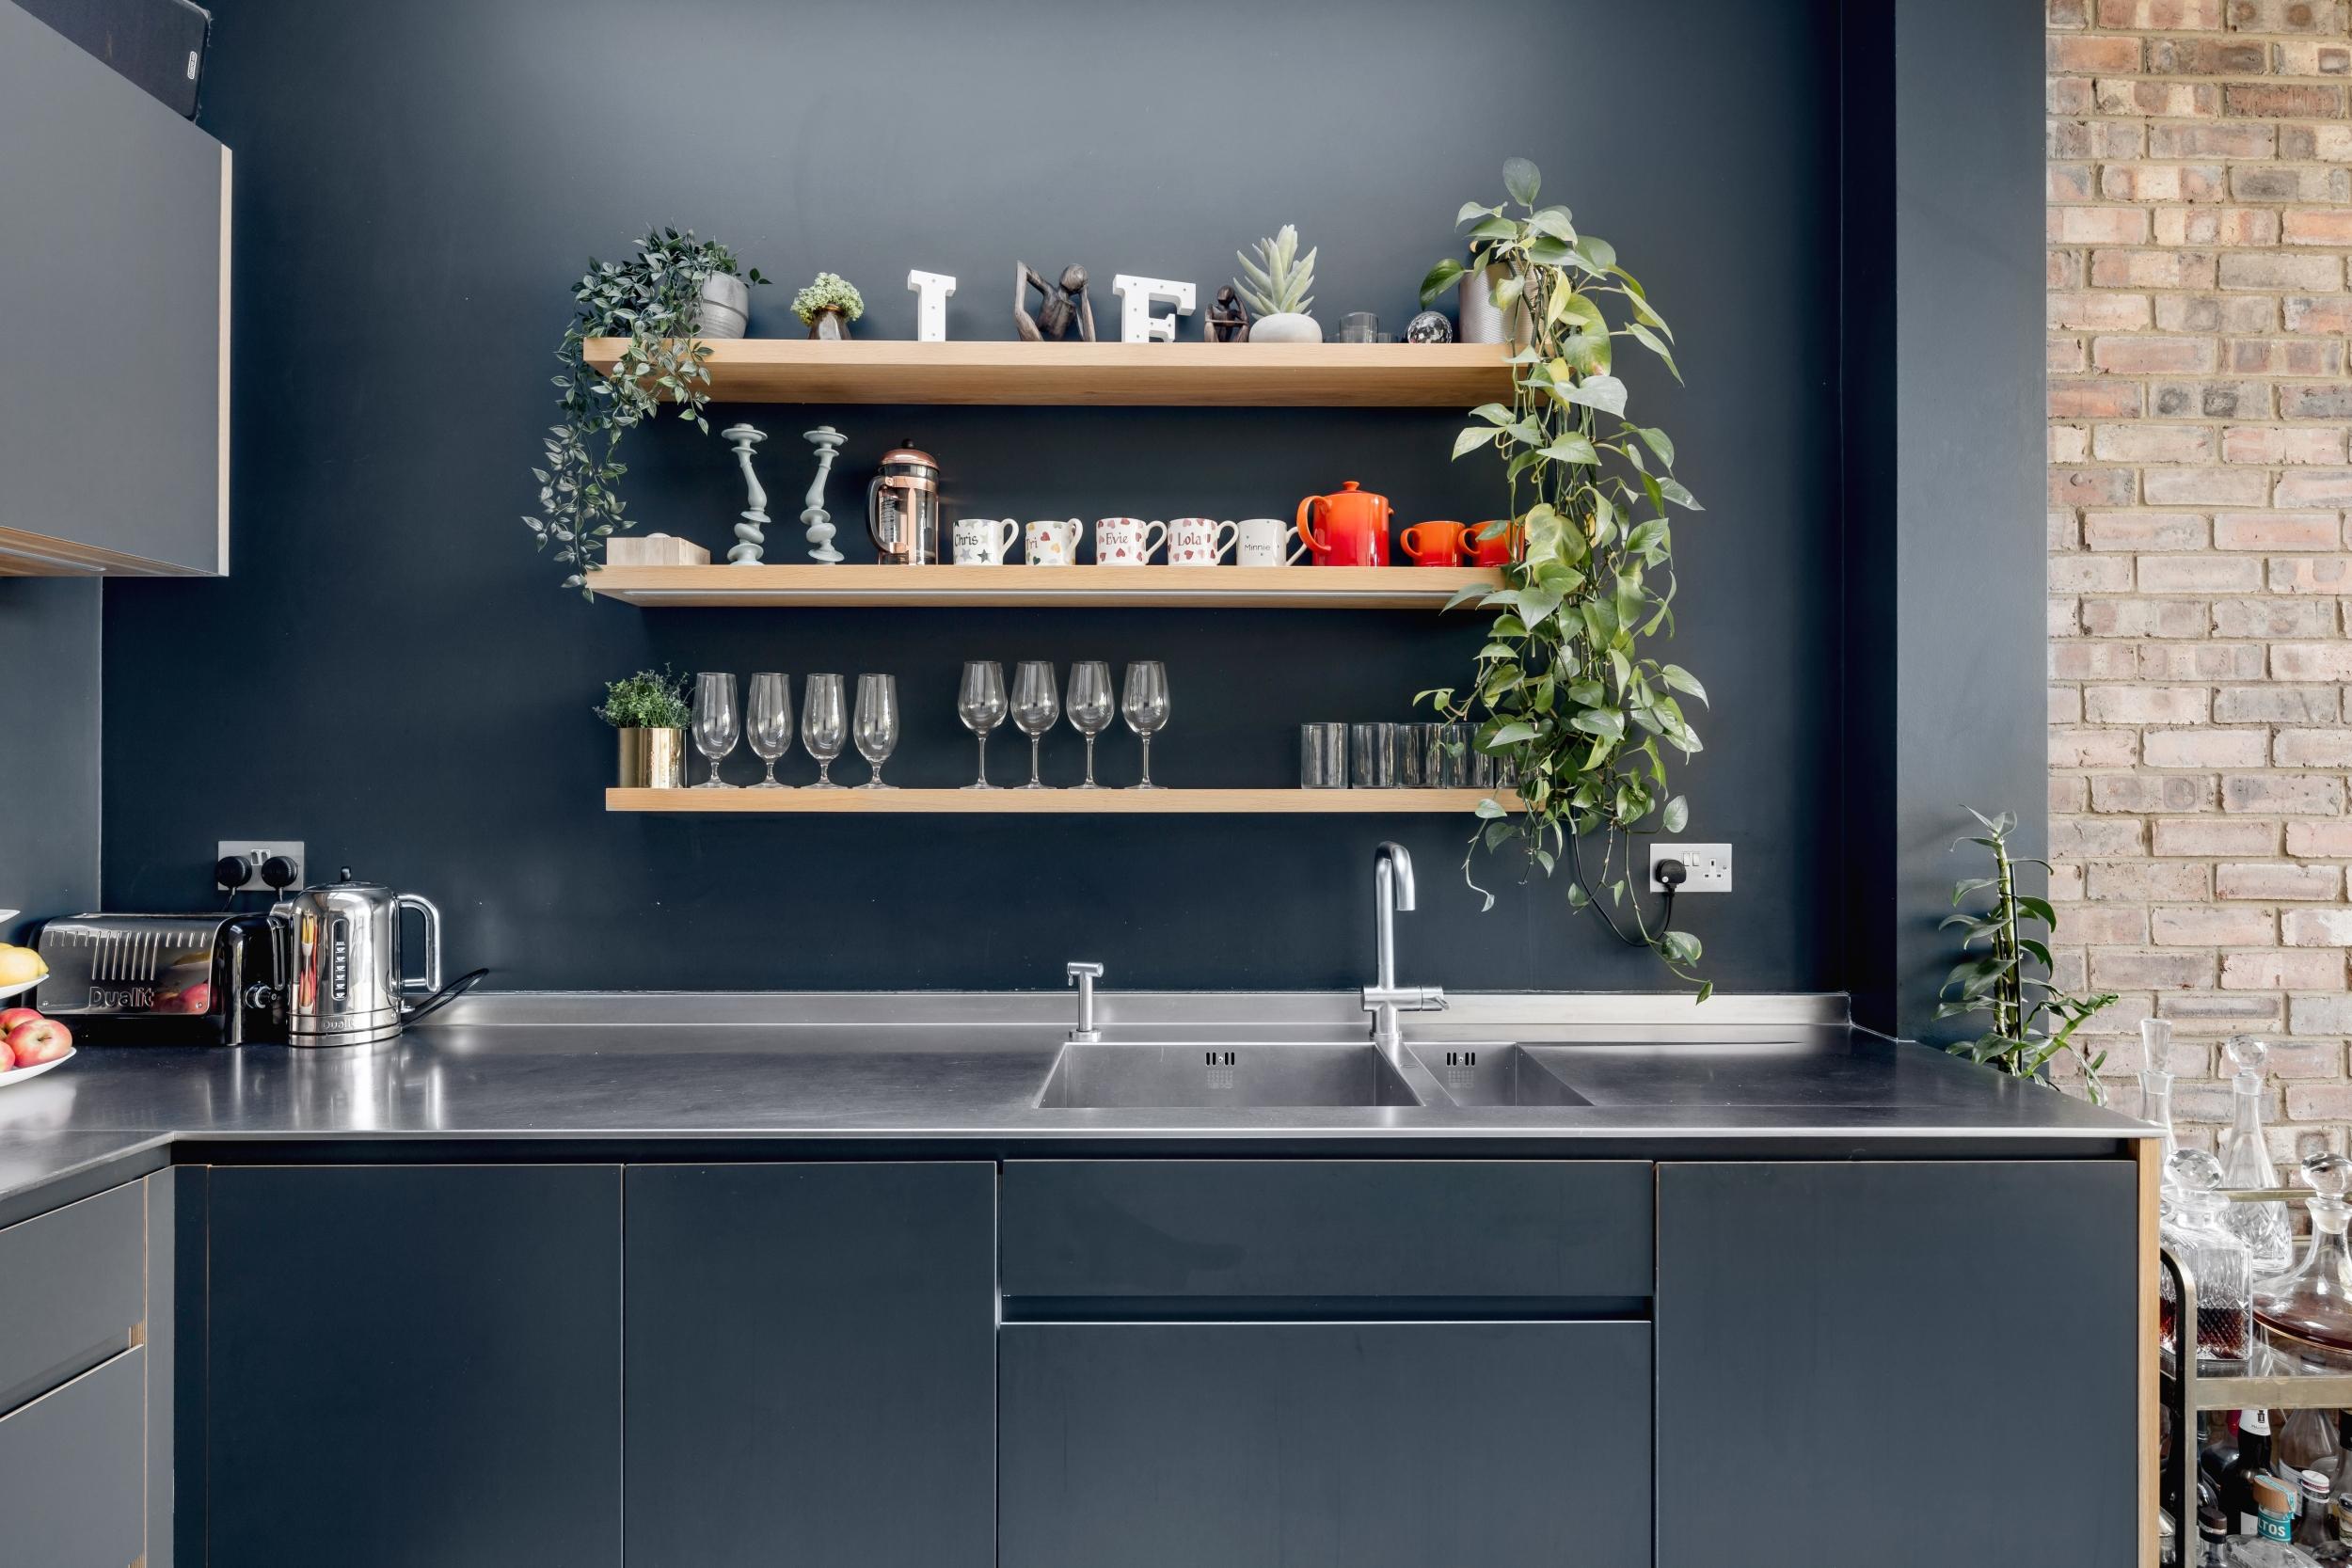 кухонная мебель полки мойка